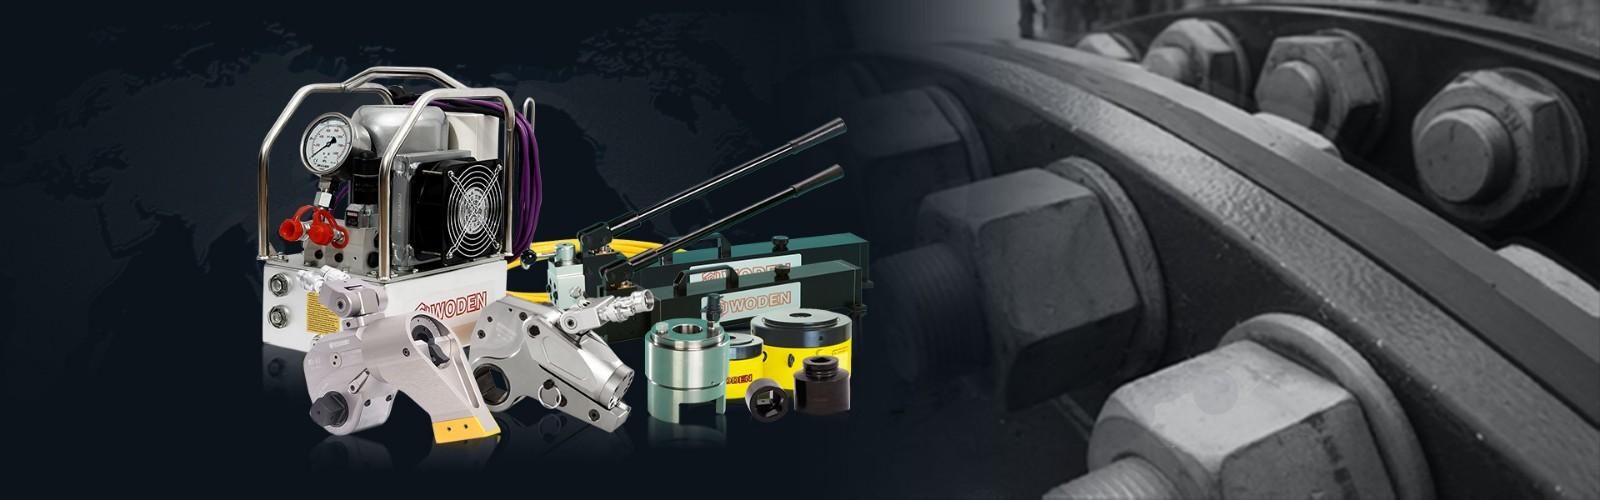 沃顿液压扳手,库存充足,满足各种螺栓规格,欢迎前来咨询和考察!